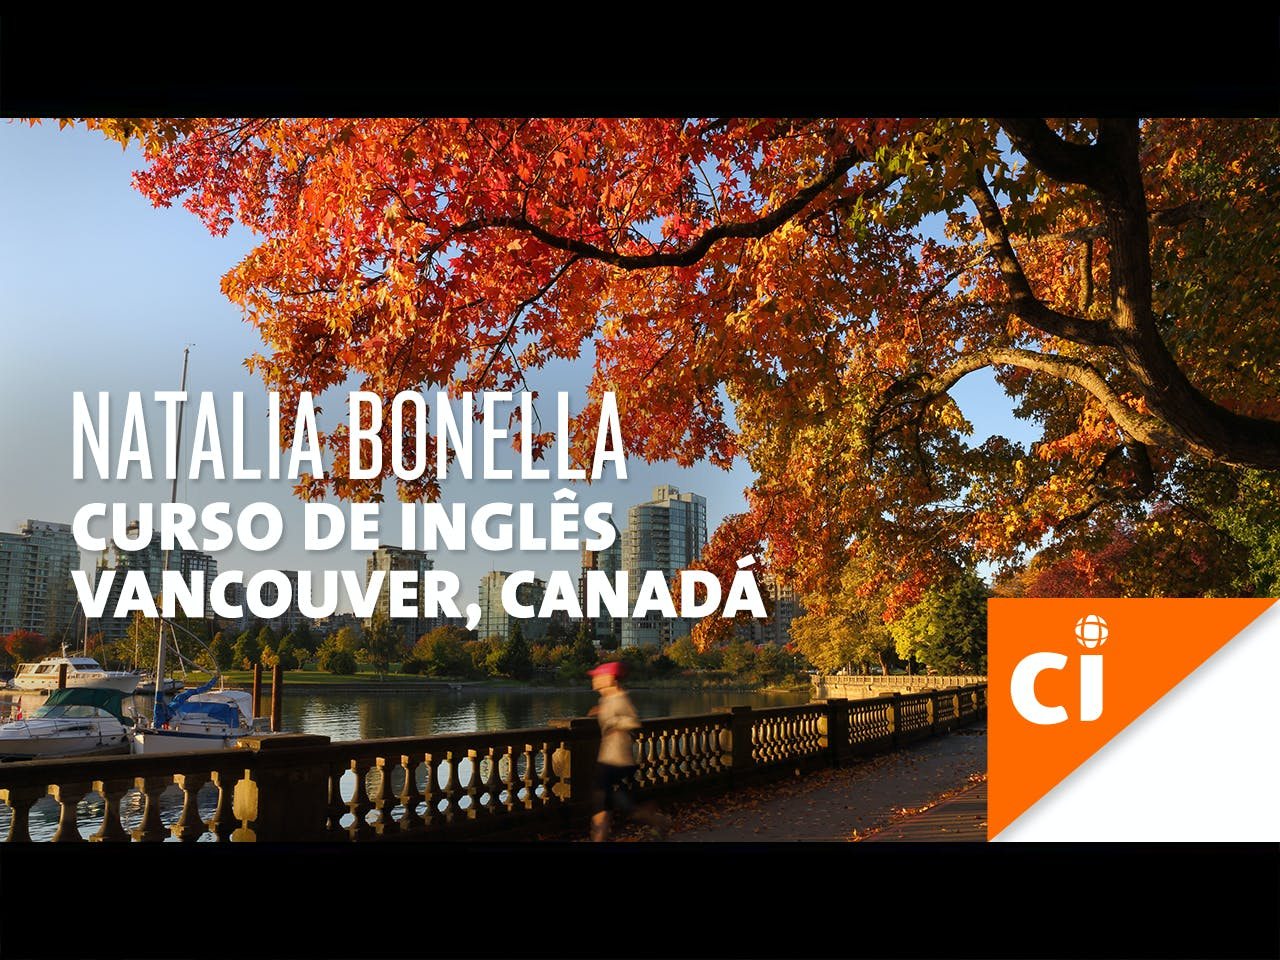 #ViajanteCI | Natalia Bonella